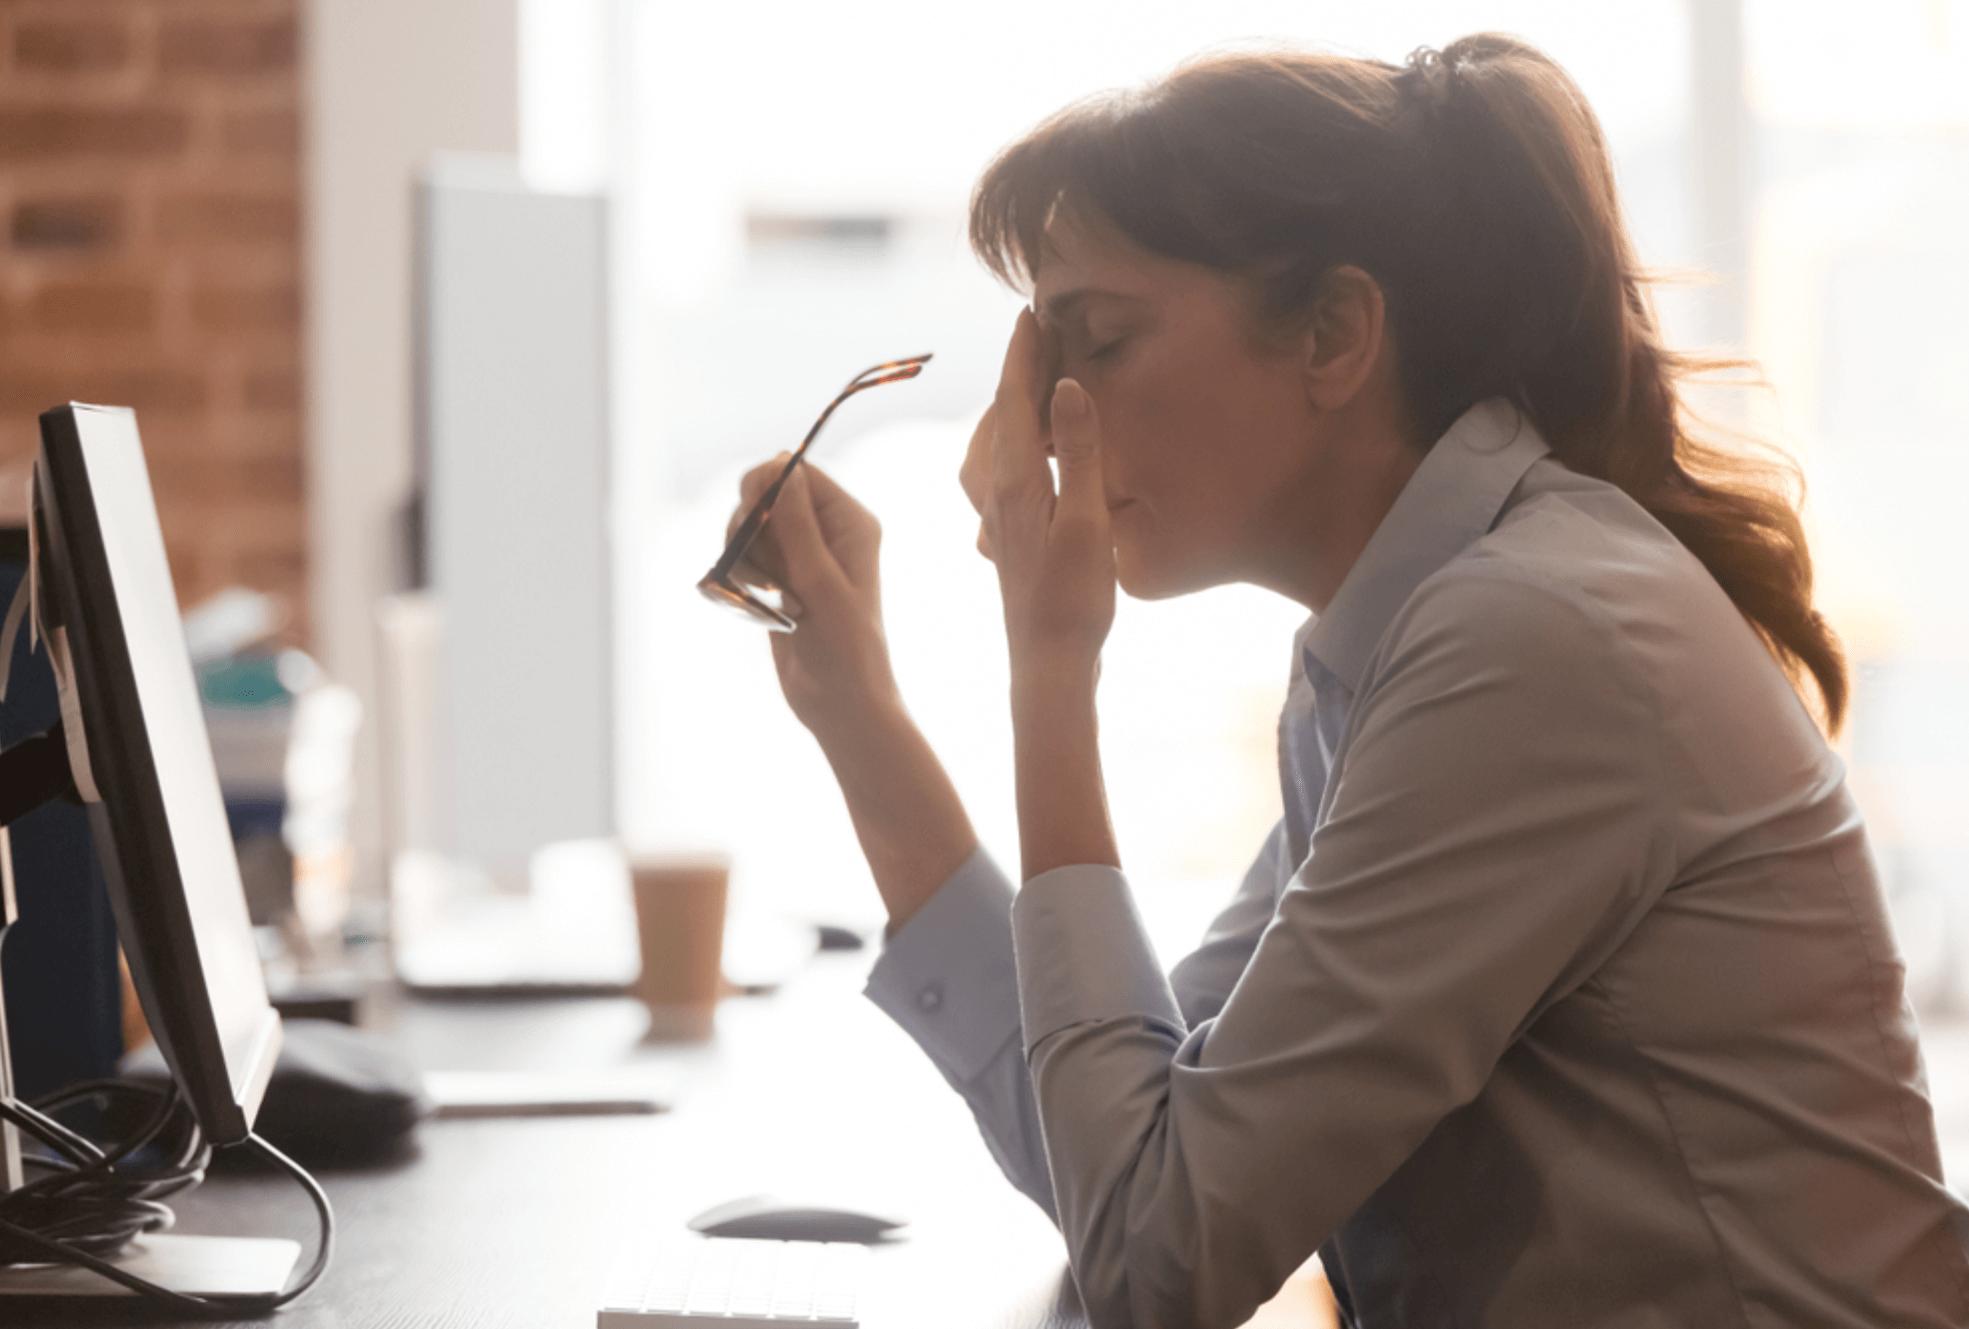 Mulher apresentando complicações com saúde mental no trabalho